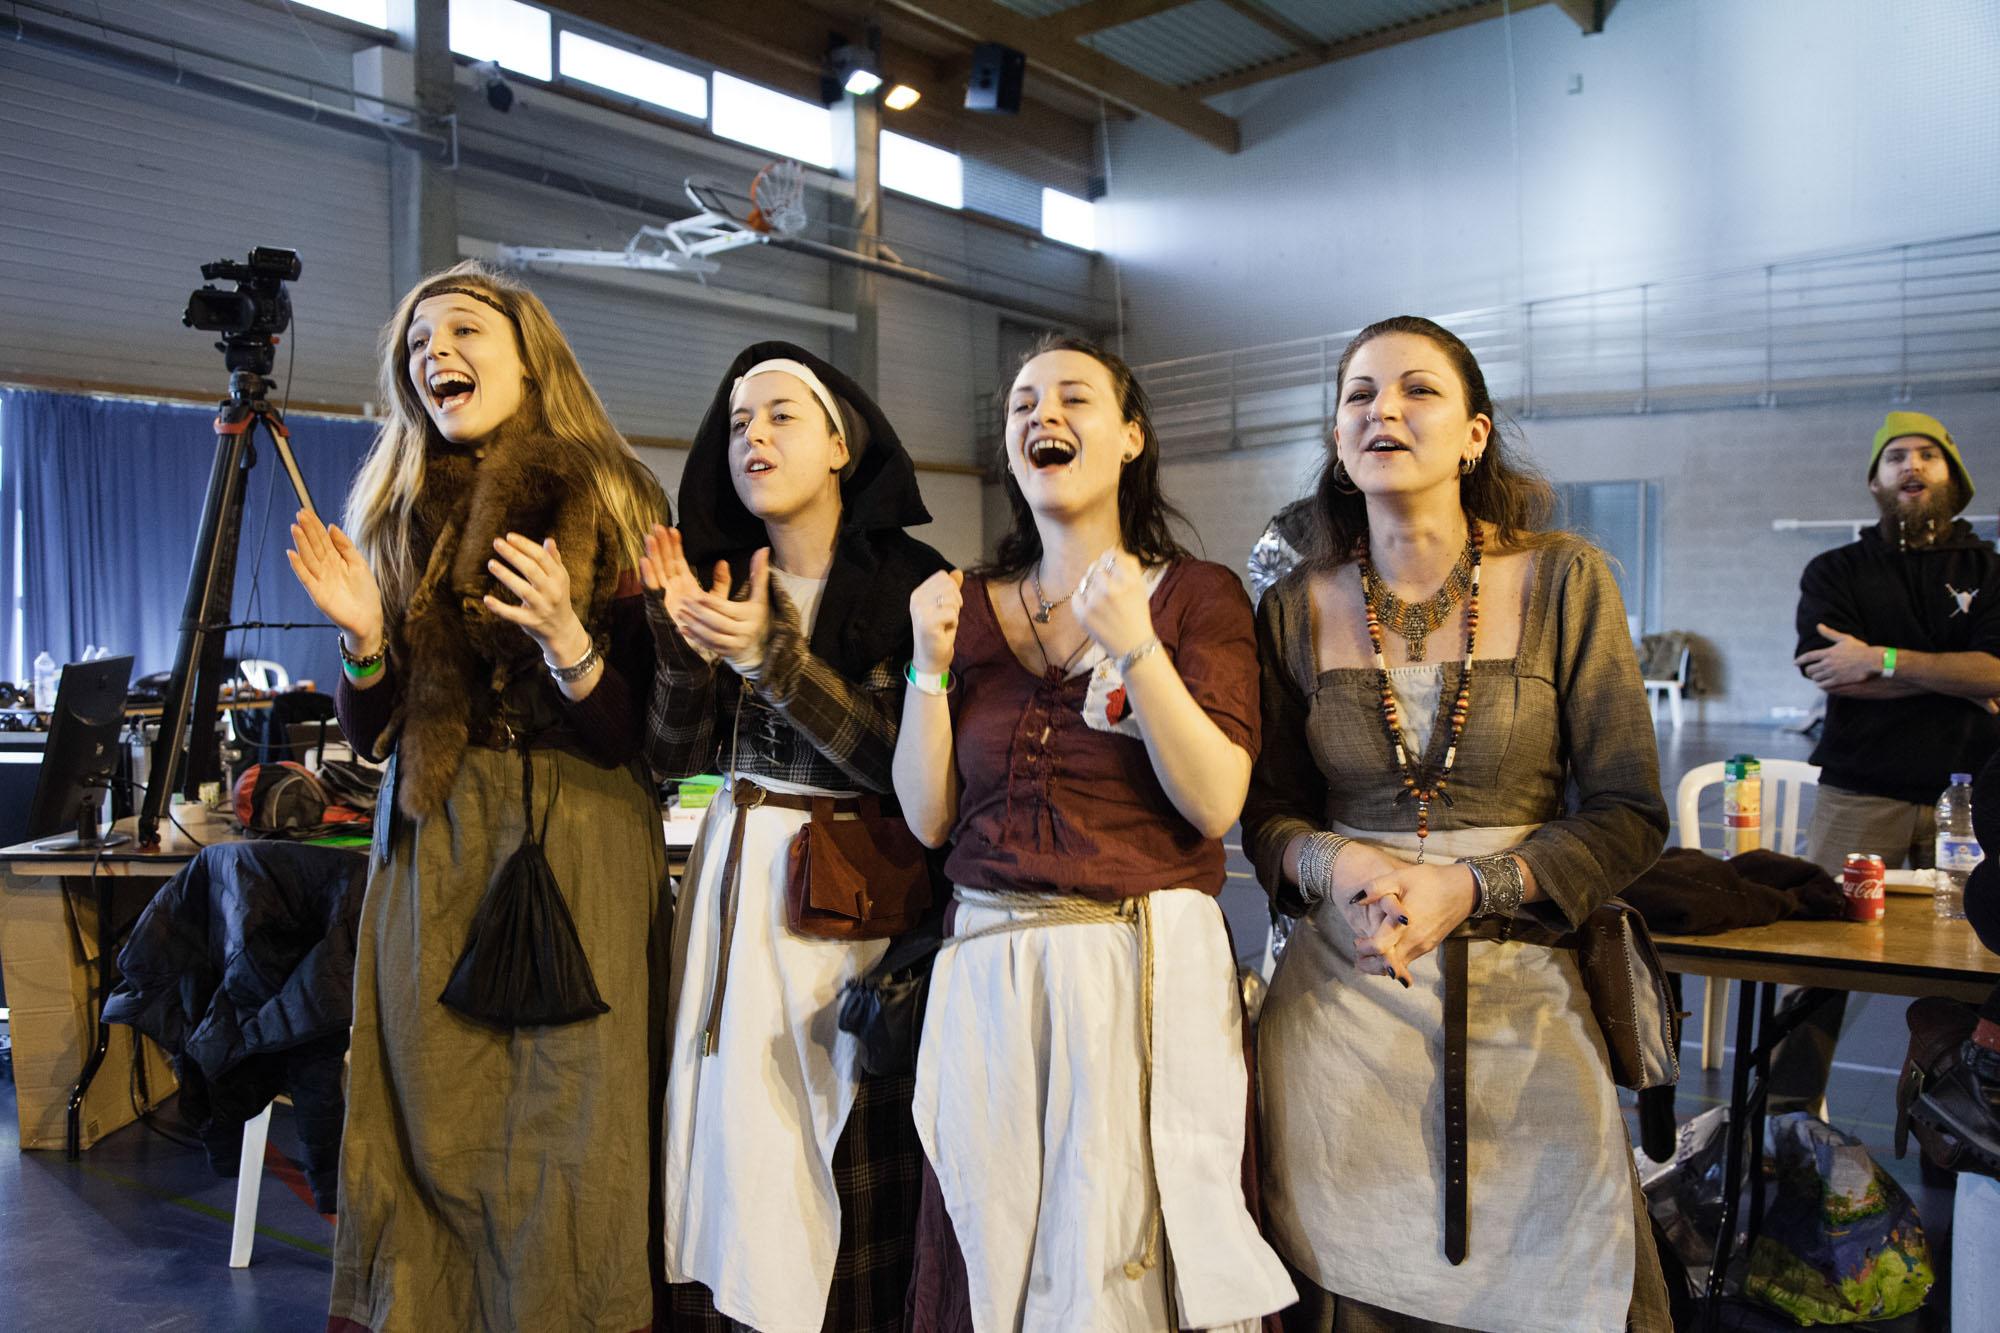 Des jeunes femmes habillées en costumes médiévaux sont venus soutenir leur équipes pendant le tournois en duel. Carrière Sous Poissy. Région parisienne.